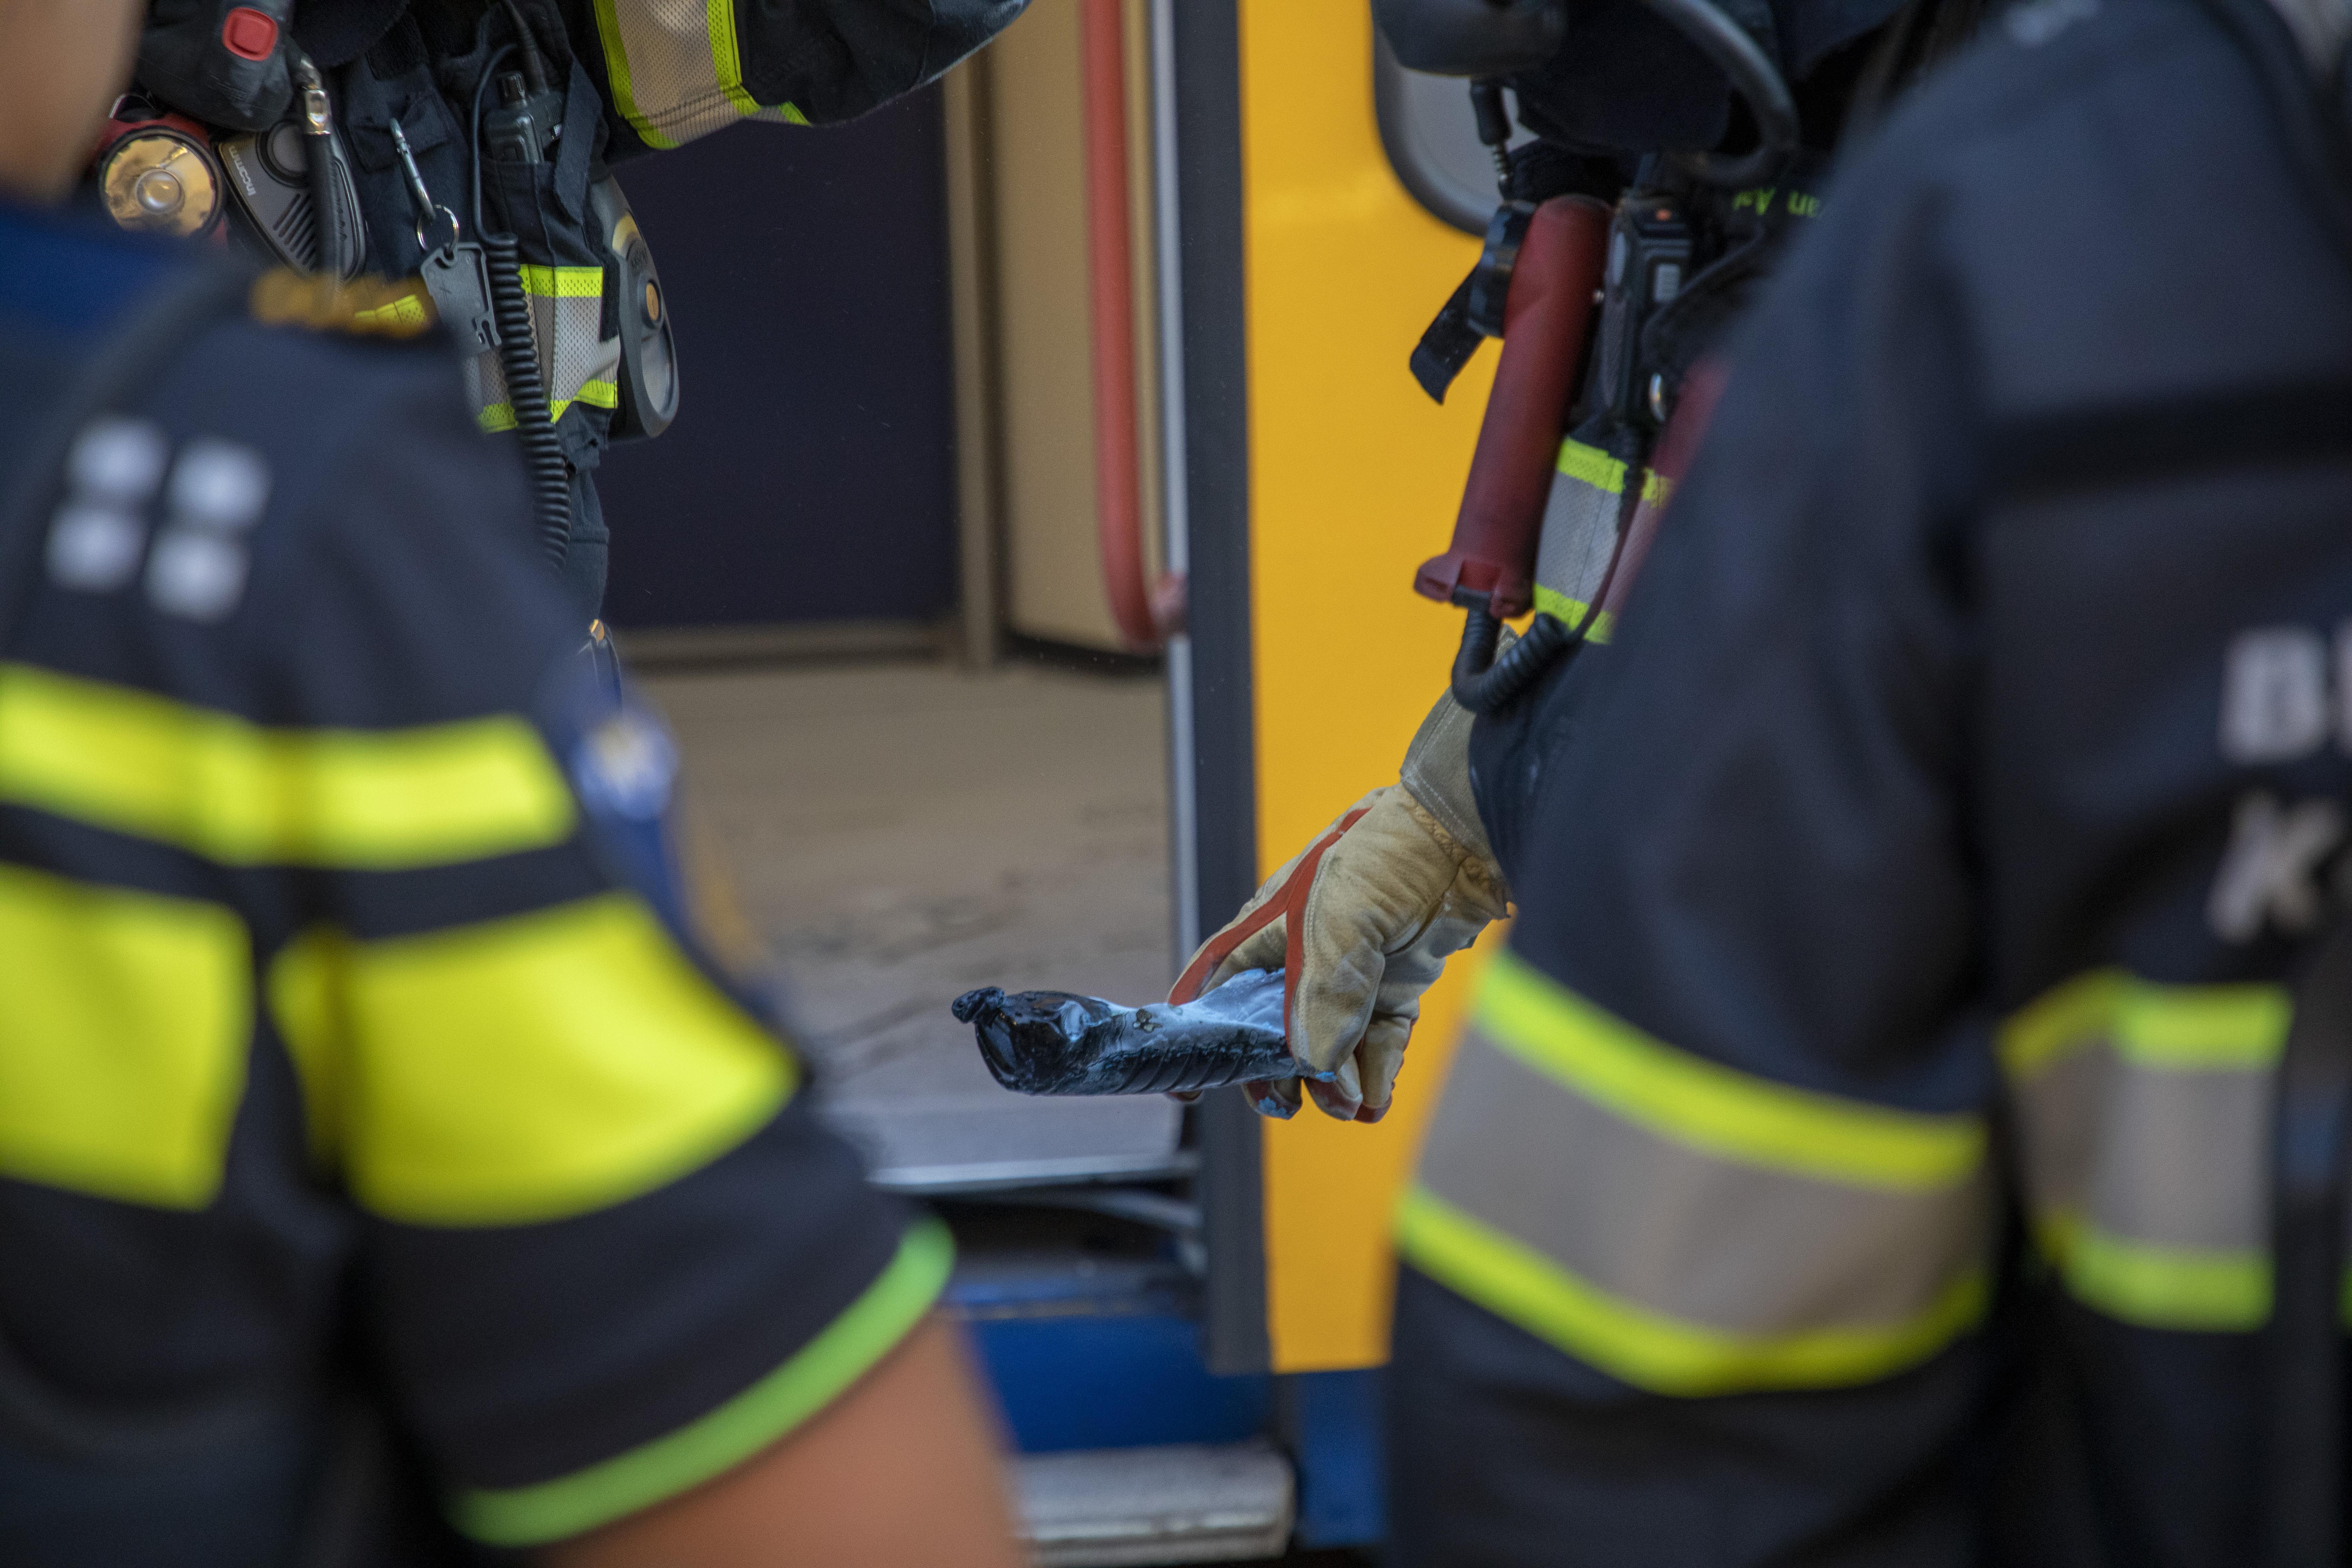 Eis: vier jaar cel voor brandstichtingen op NS-station Haarlem. Justitie wil verdachte lang achter tralies, omdat hij zichzelf buiten de maatschappij plaatst